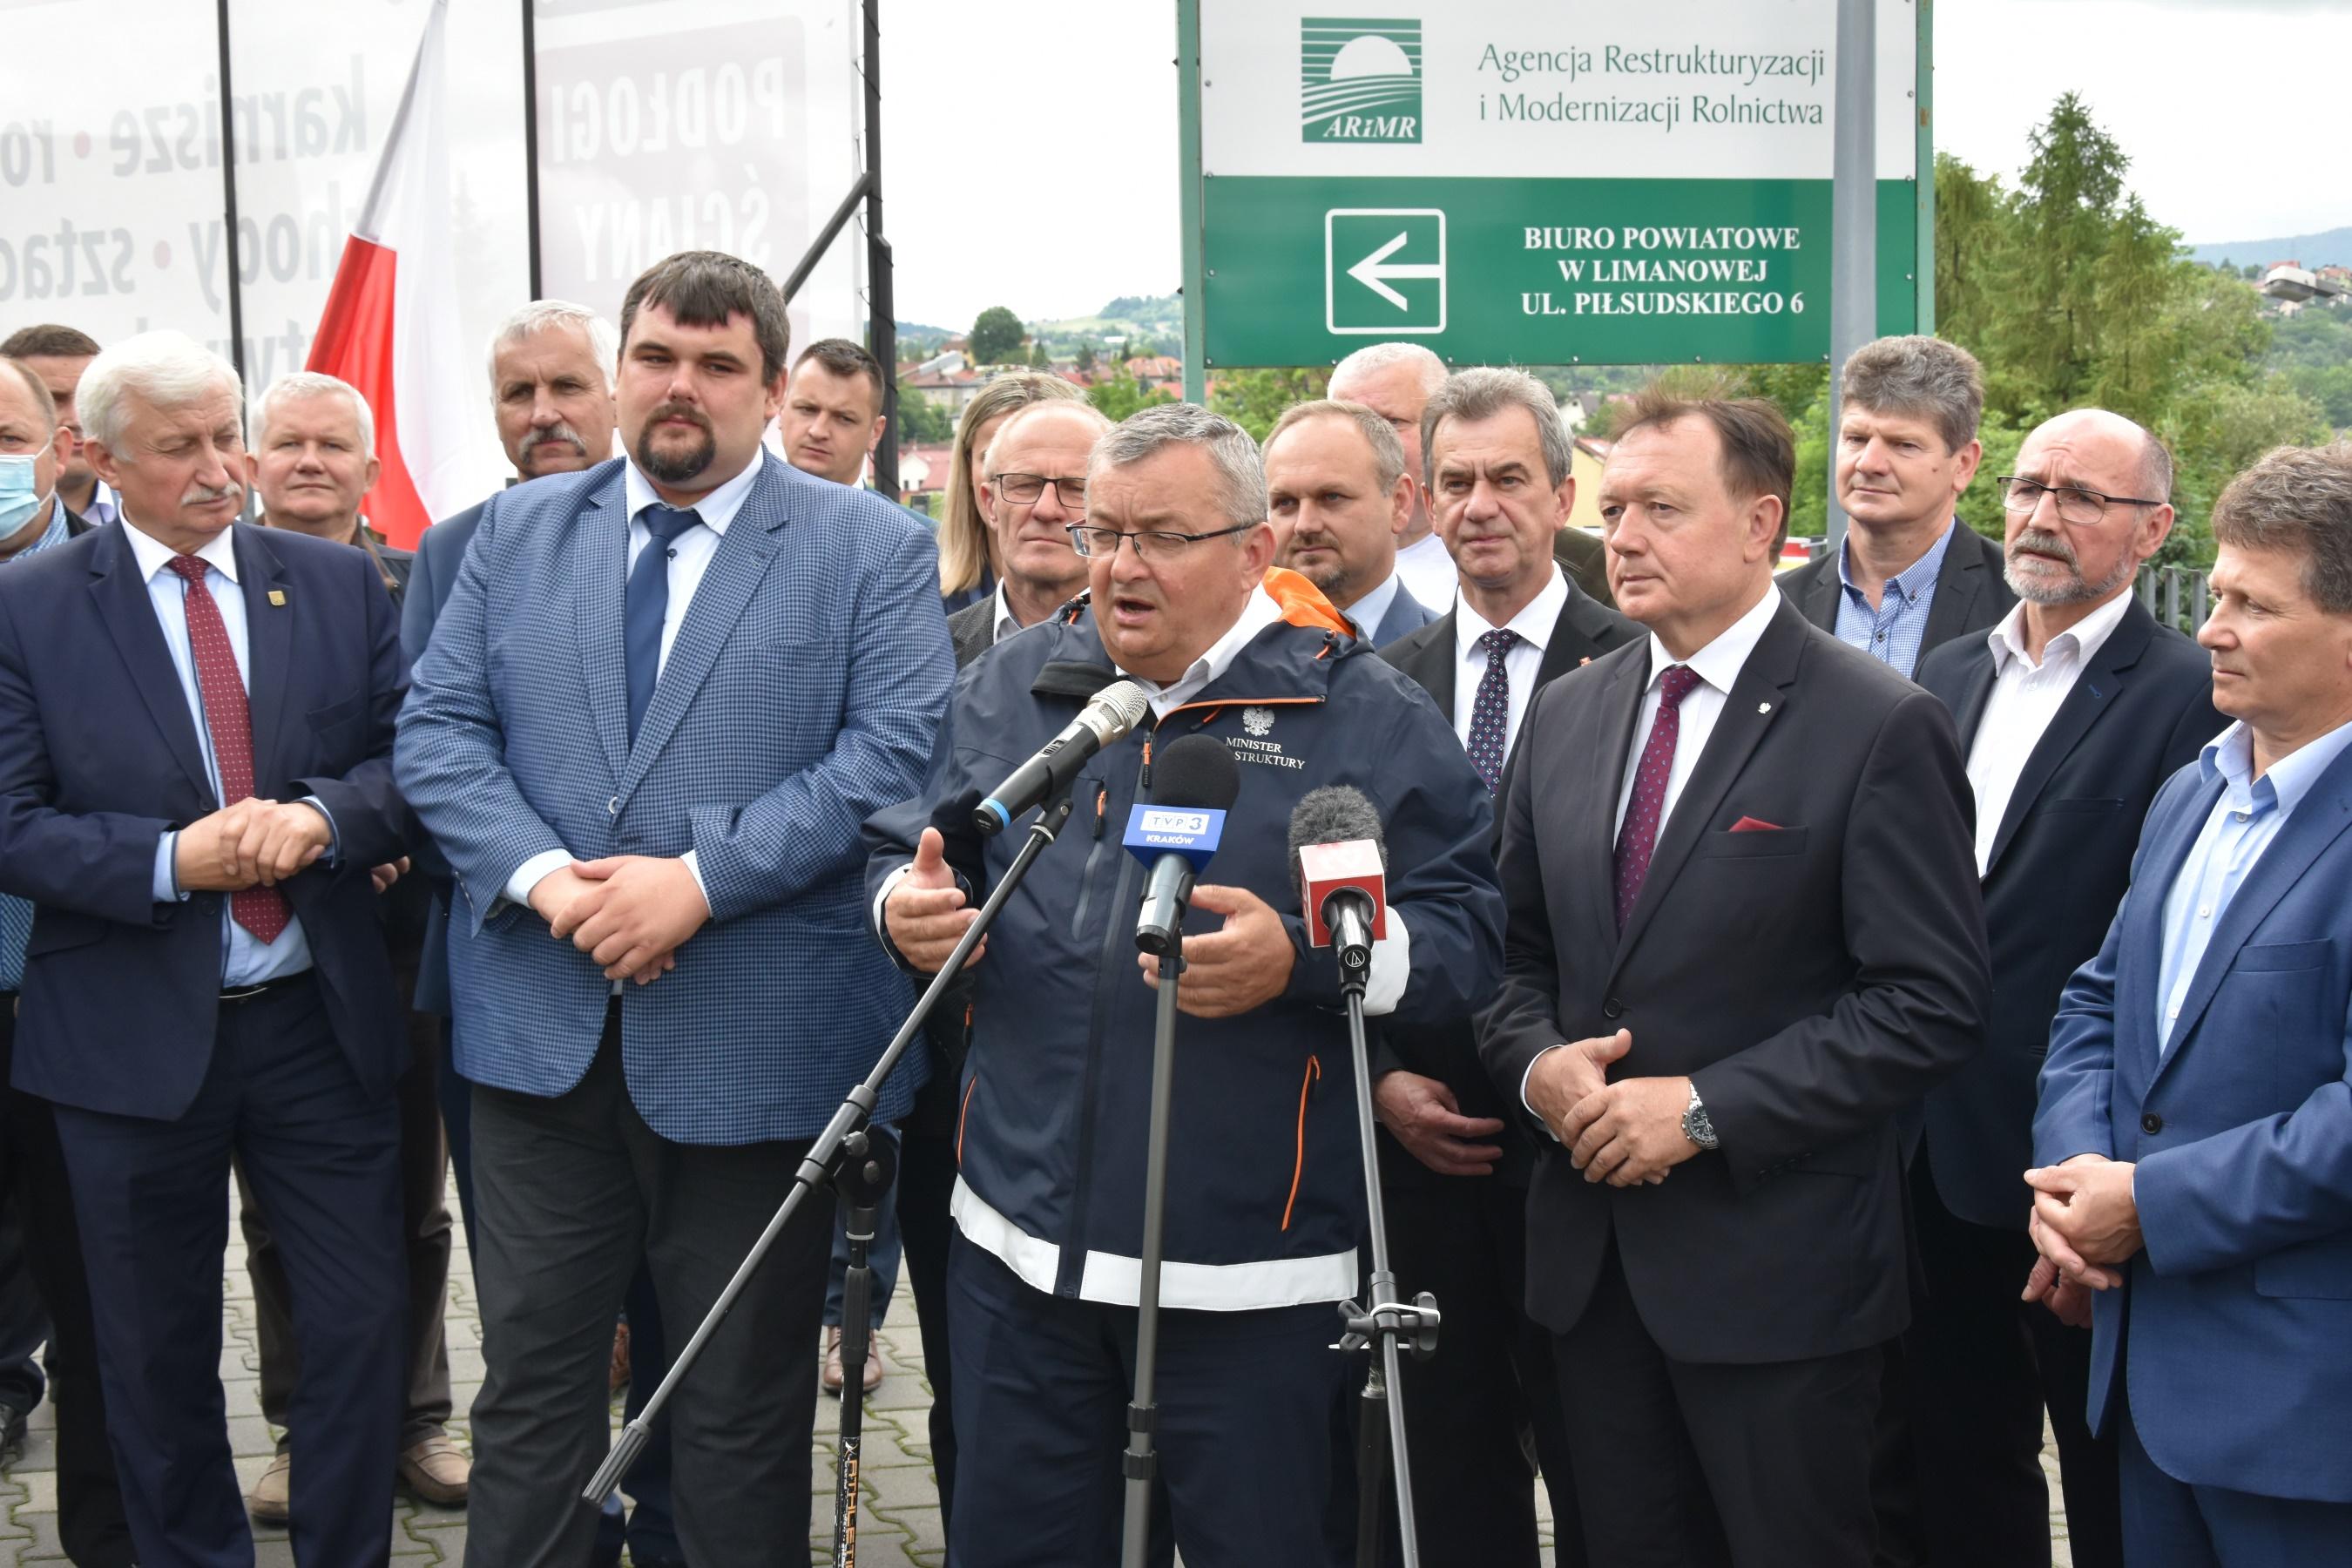 Wizyta ministra Adamczyka w Powiecie Limanowskim 9